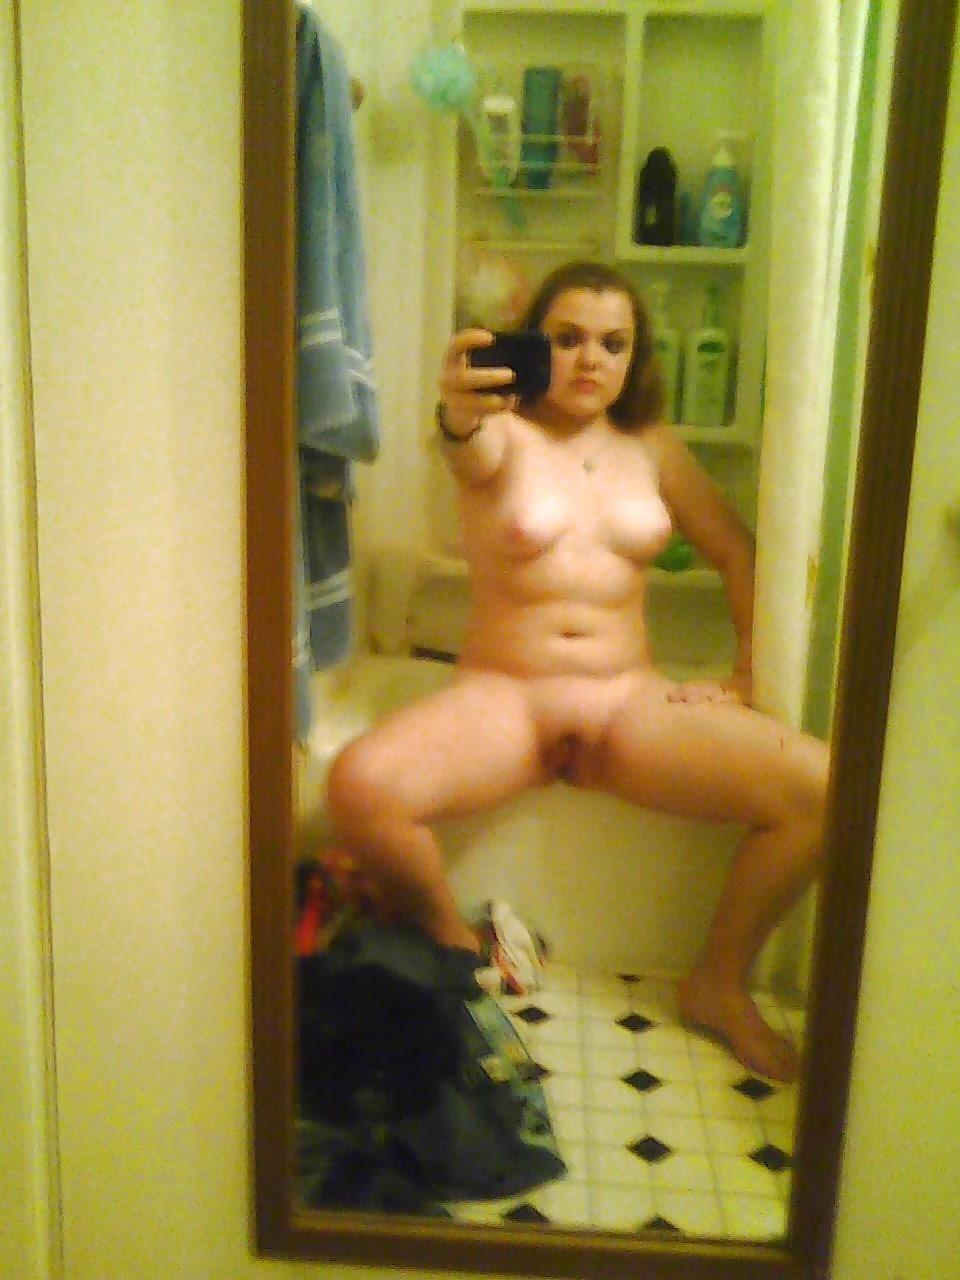 High school selfie nude-1799